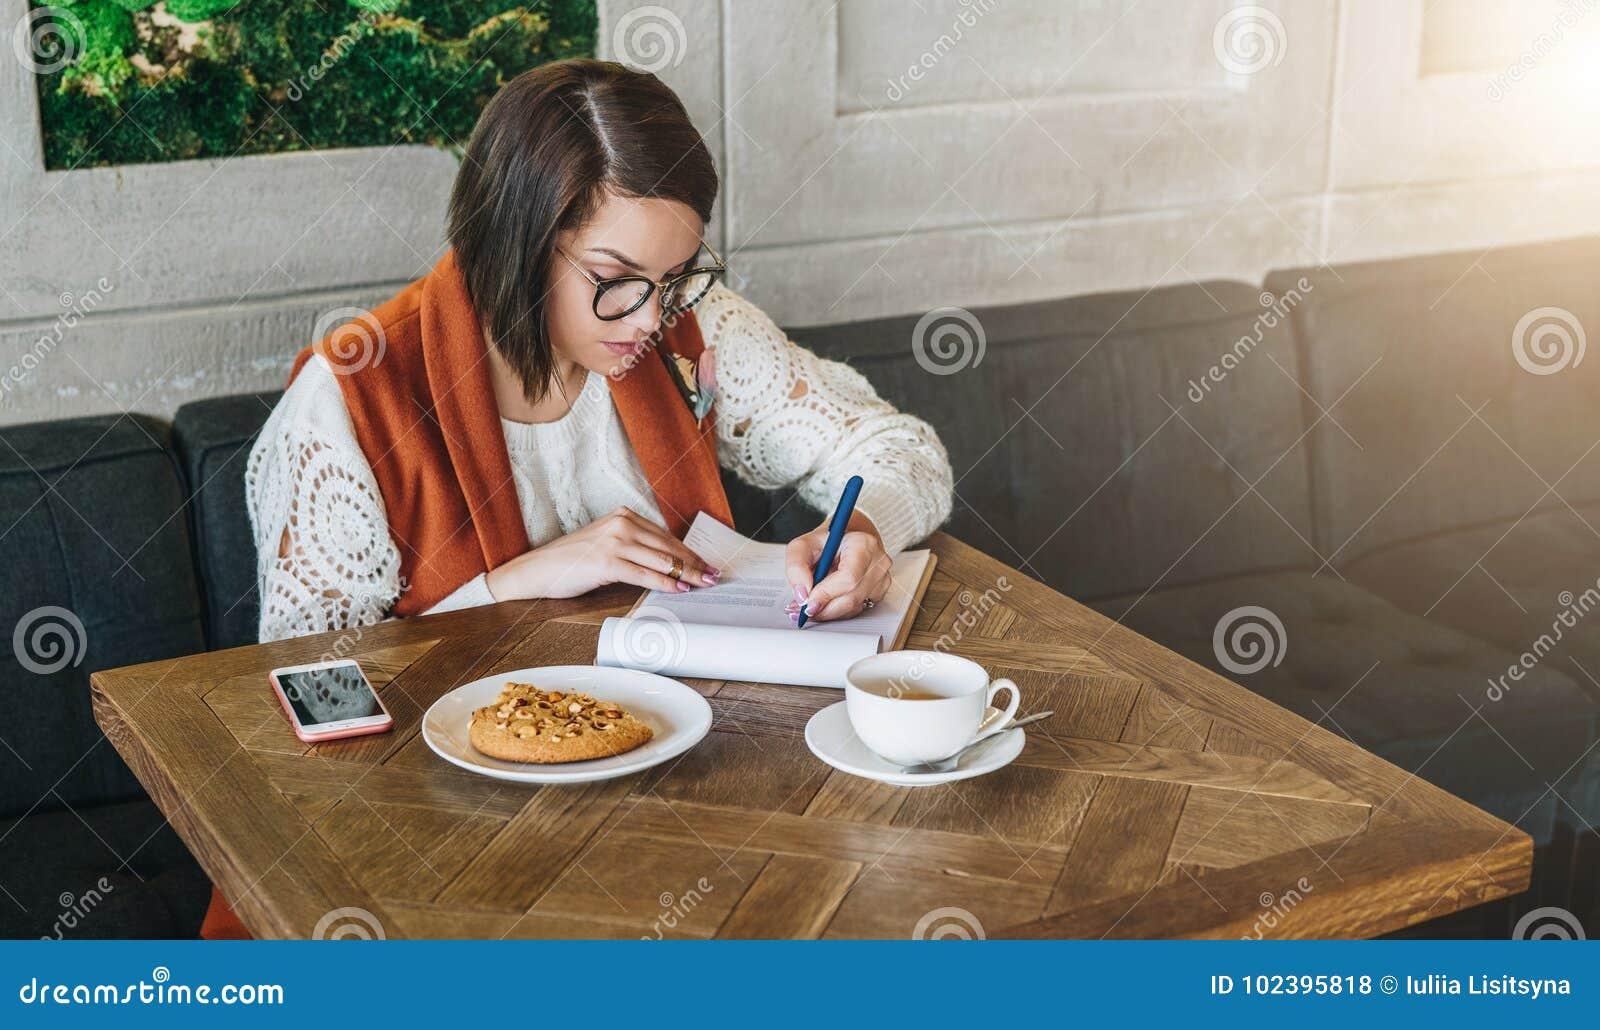 De vrouw zit in koffie bij lijst Het meisje vult een toepassing, vragenlijst, tekensdocumenten in, opstelt samenvatting